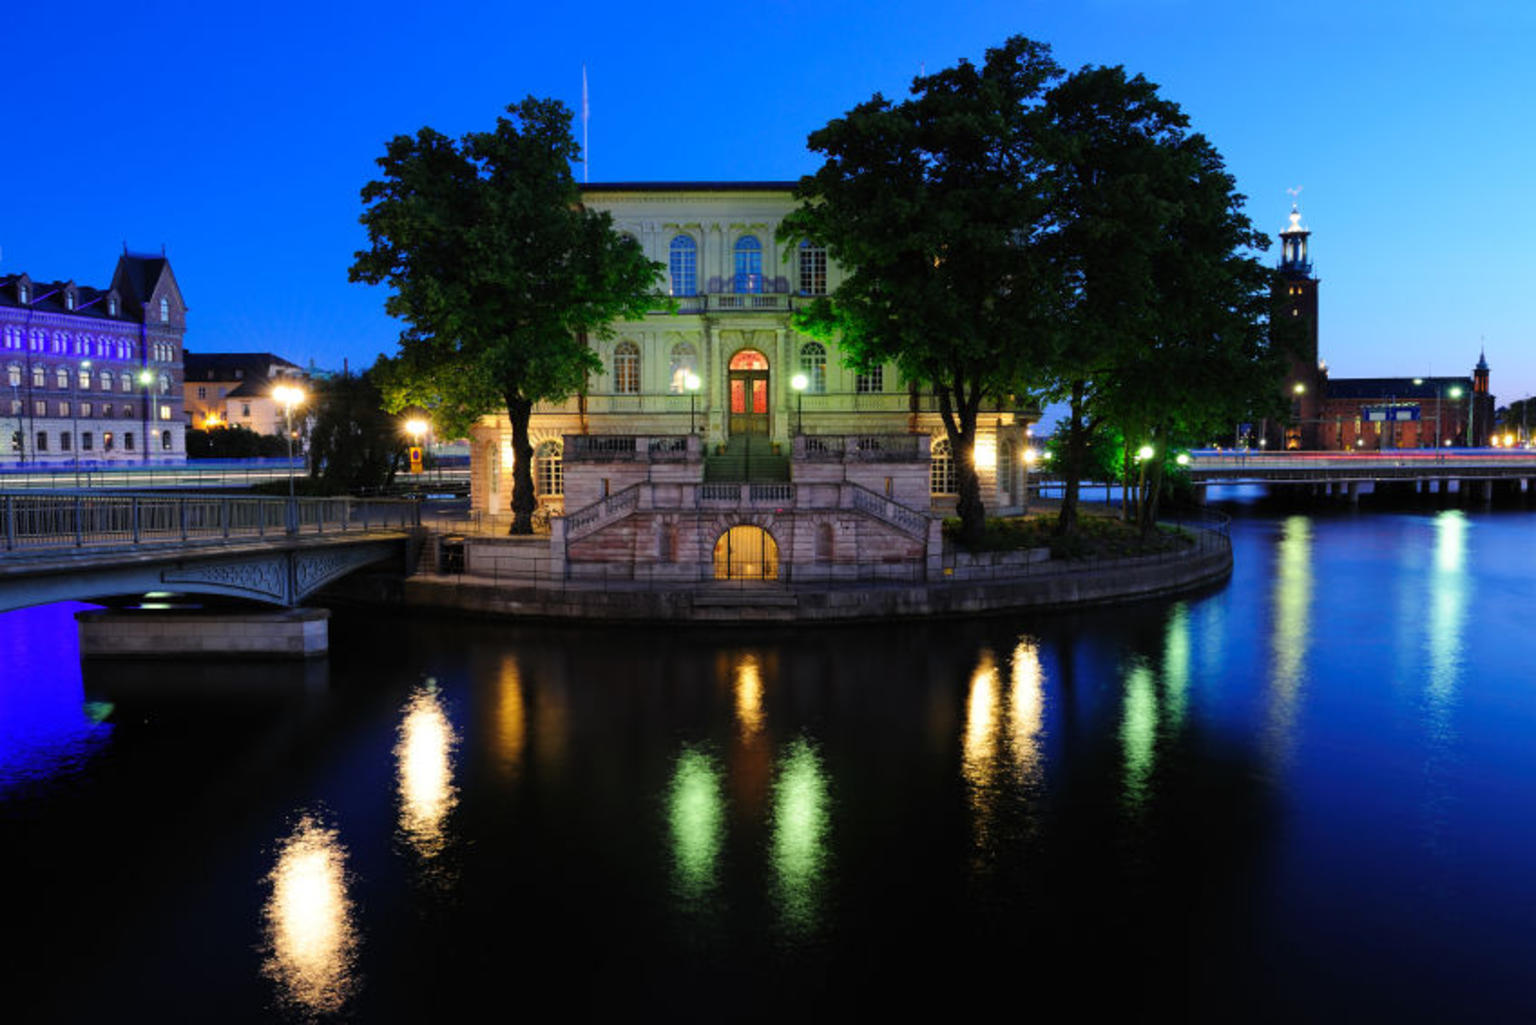 MAIS FOTOS, Excursão Histórica e Original Caminhada sobre Fantasmas em Estocolmo